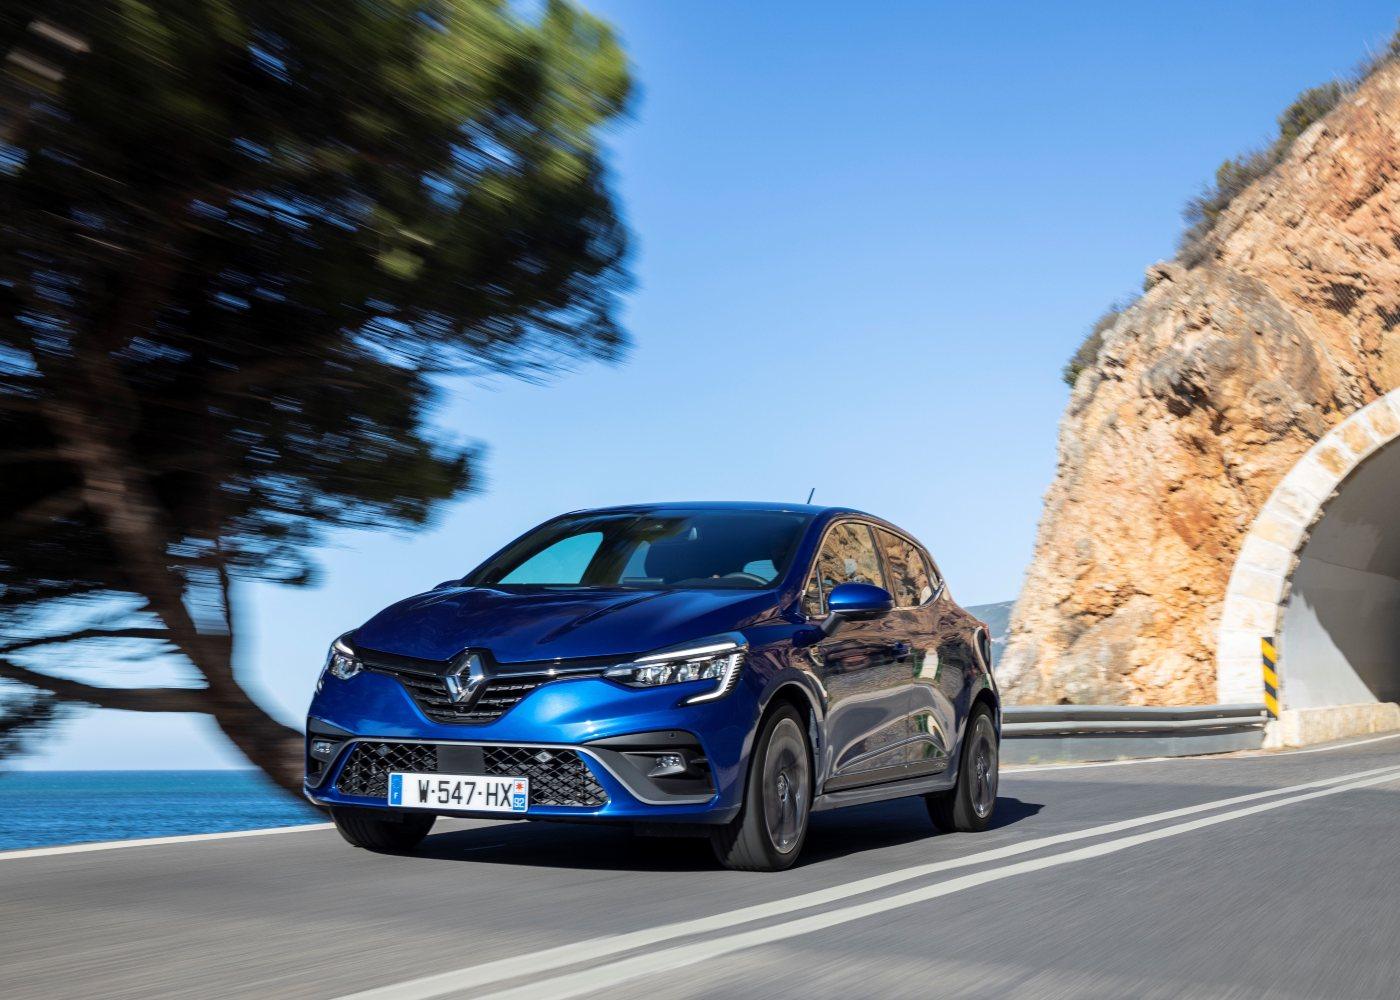 Novo Renault Clio